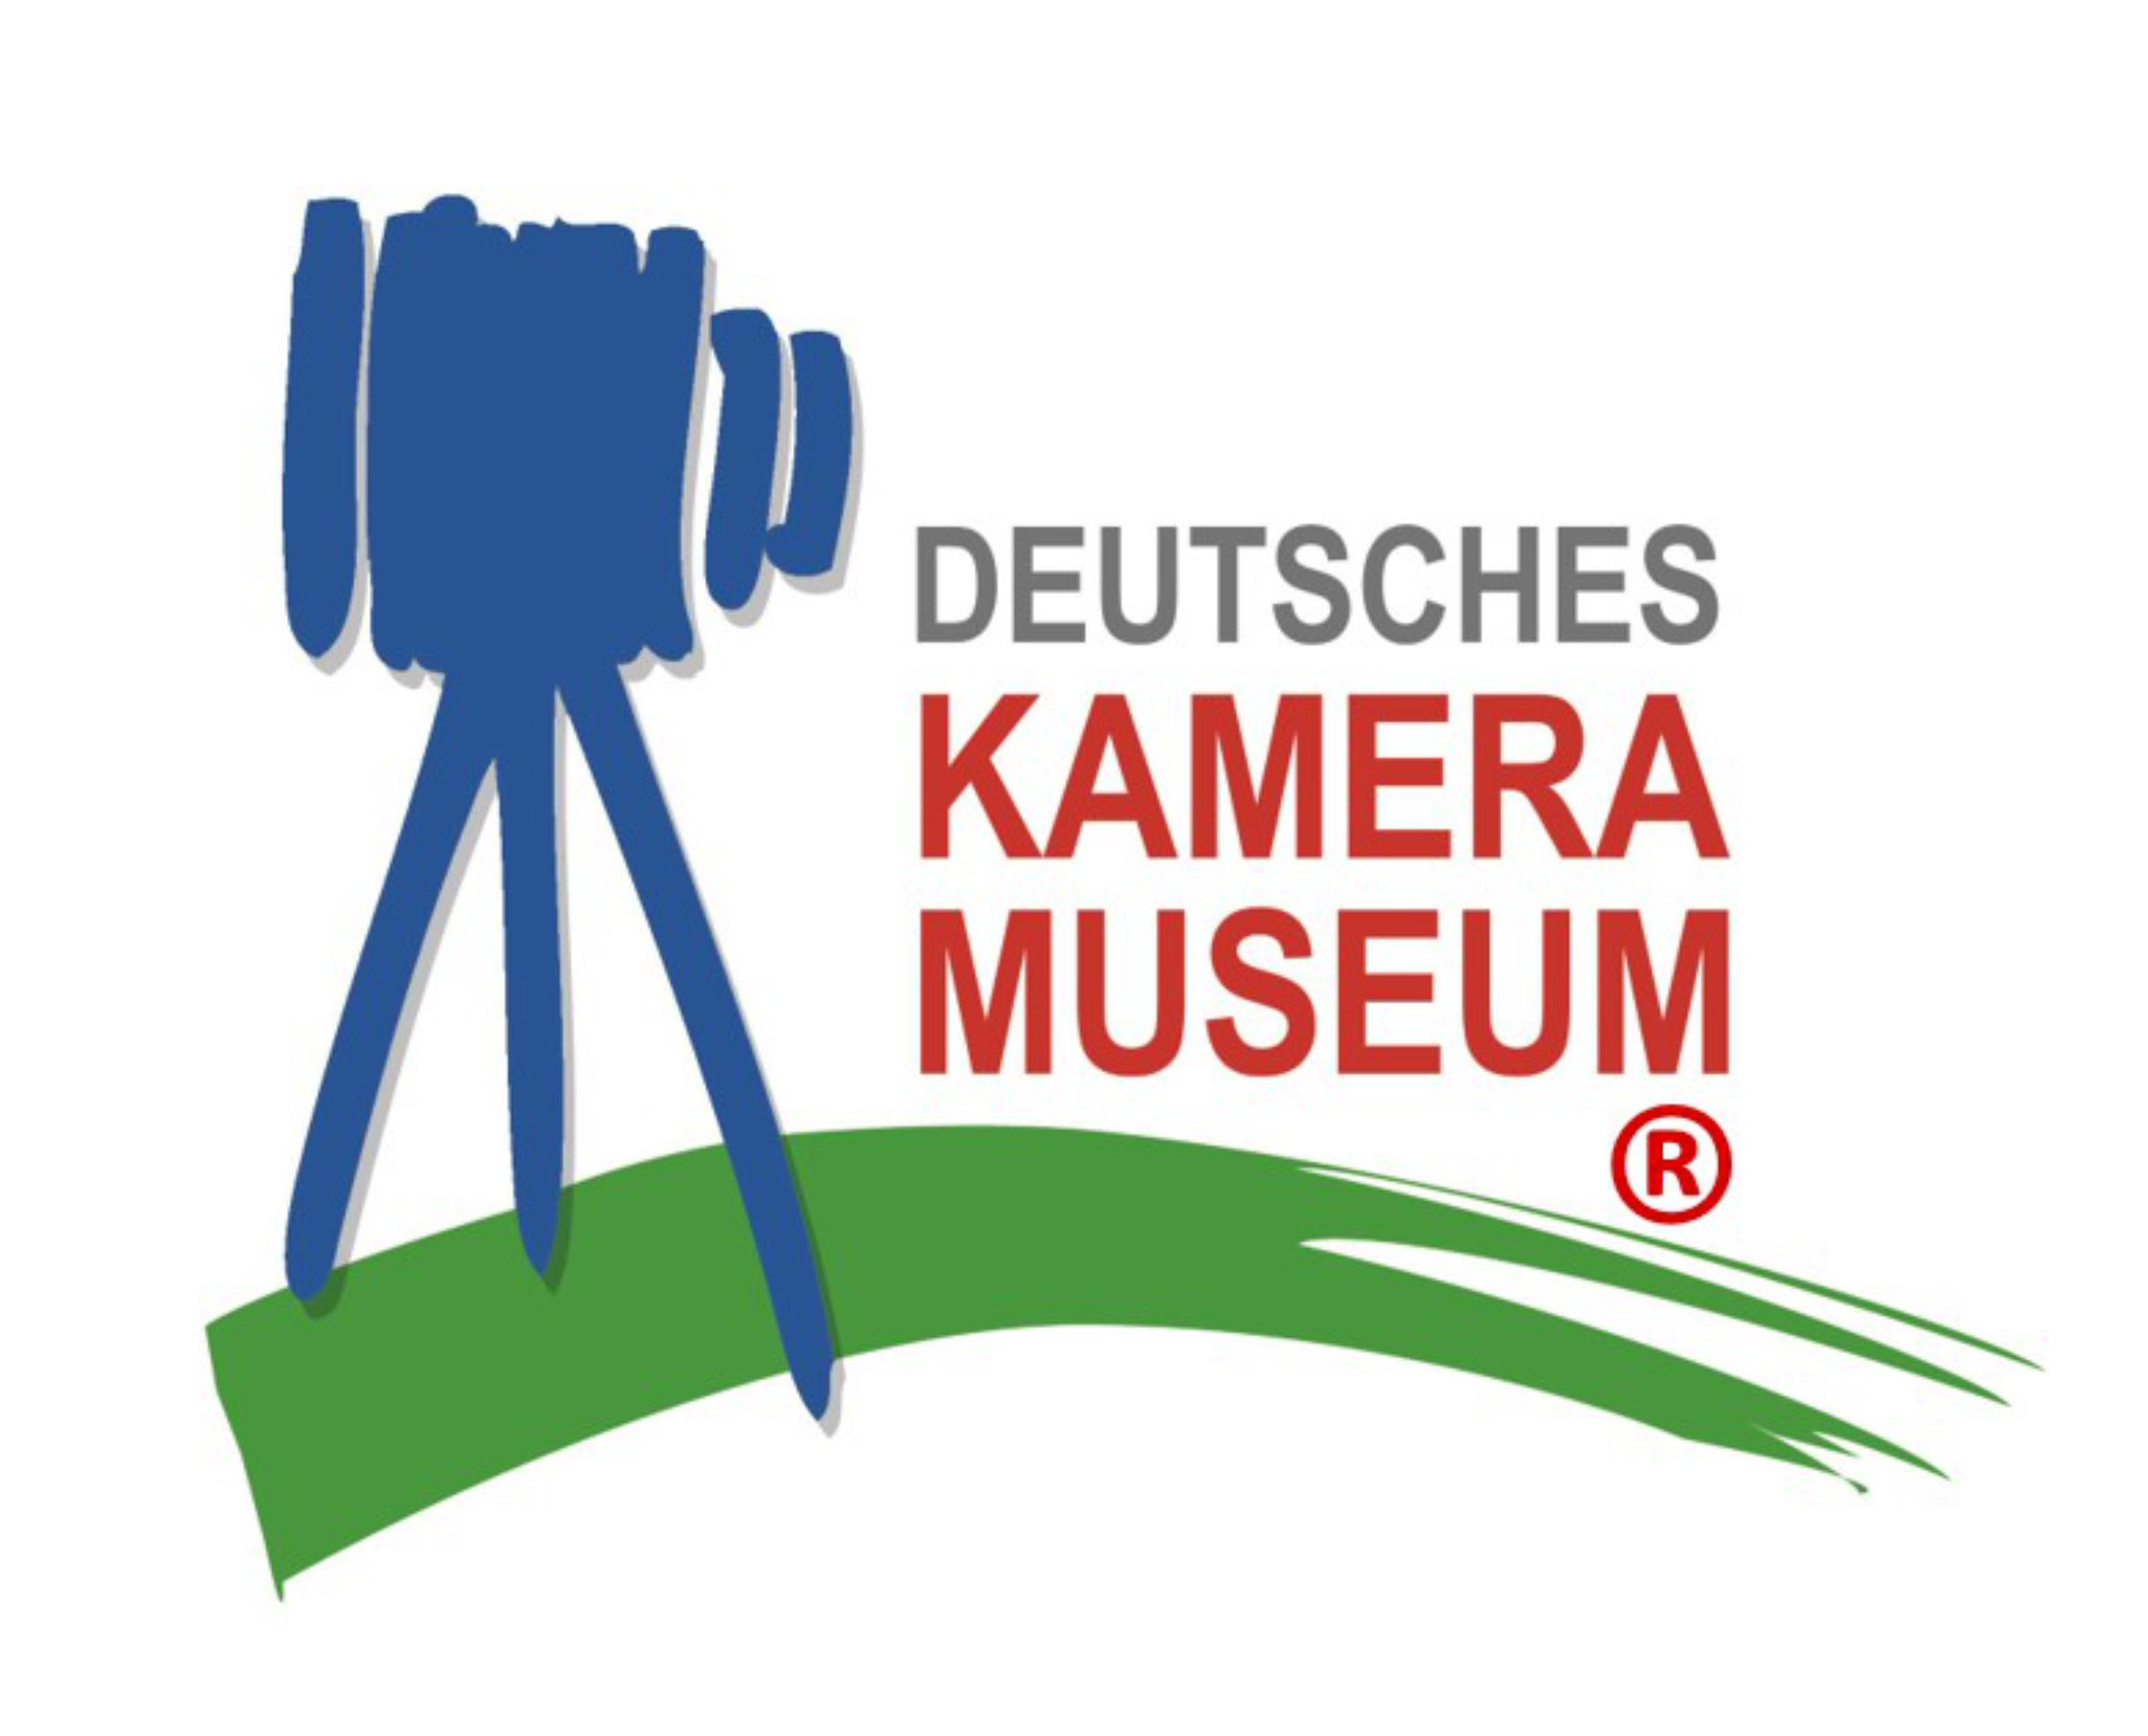 Logo des deutschen Kameramuseums